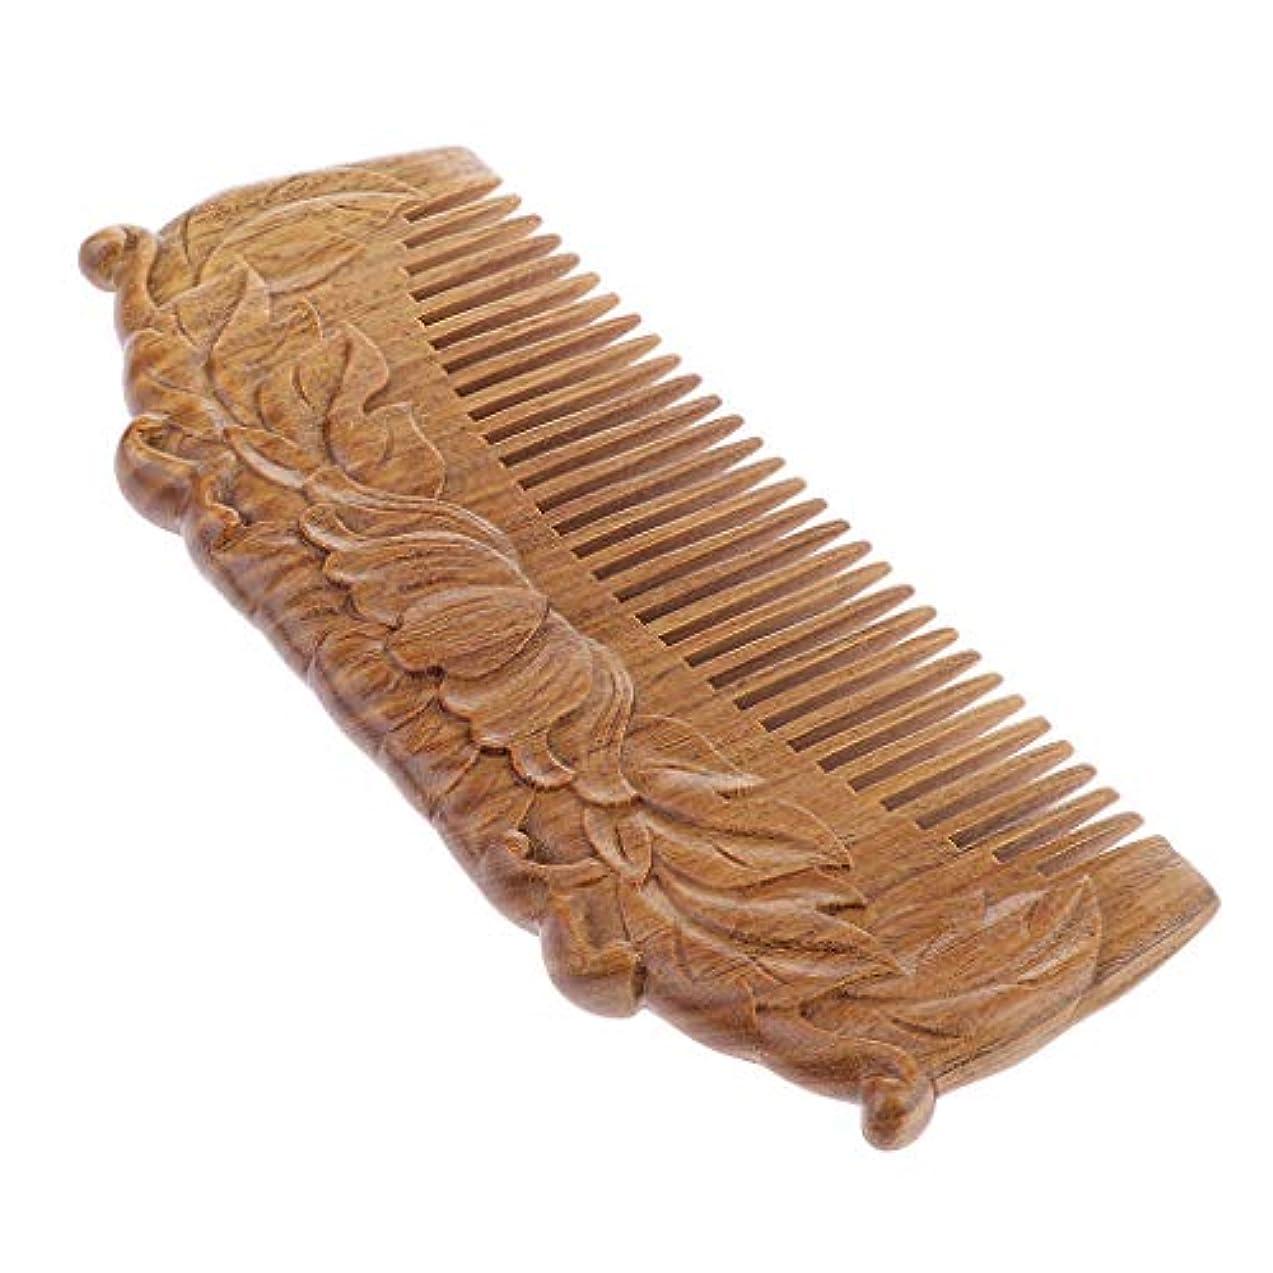 強盗防止漏れF Fityle ウッドコーム 木製櫛 高品質 手作り 天然木 帯電防止櫛 頭皮マッサージ ヘアブラシ